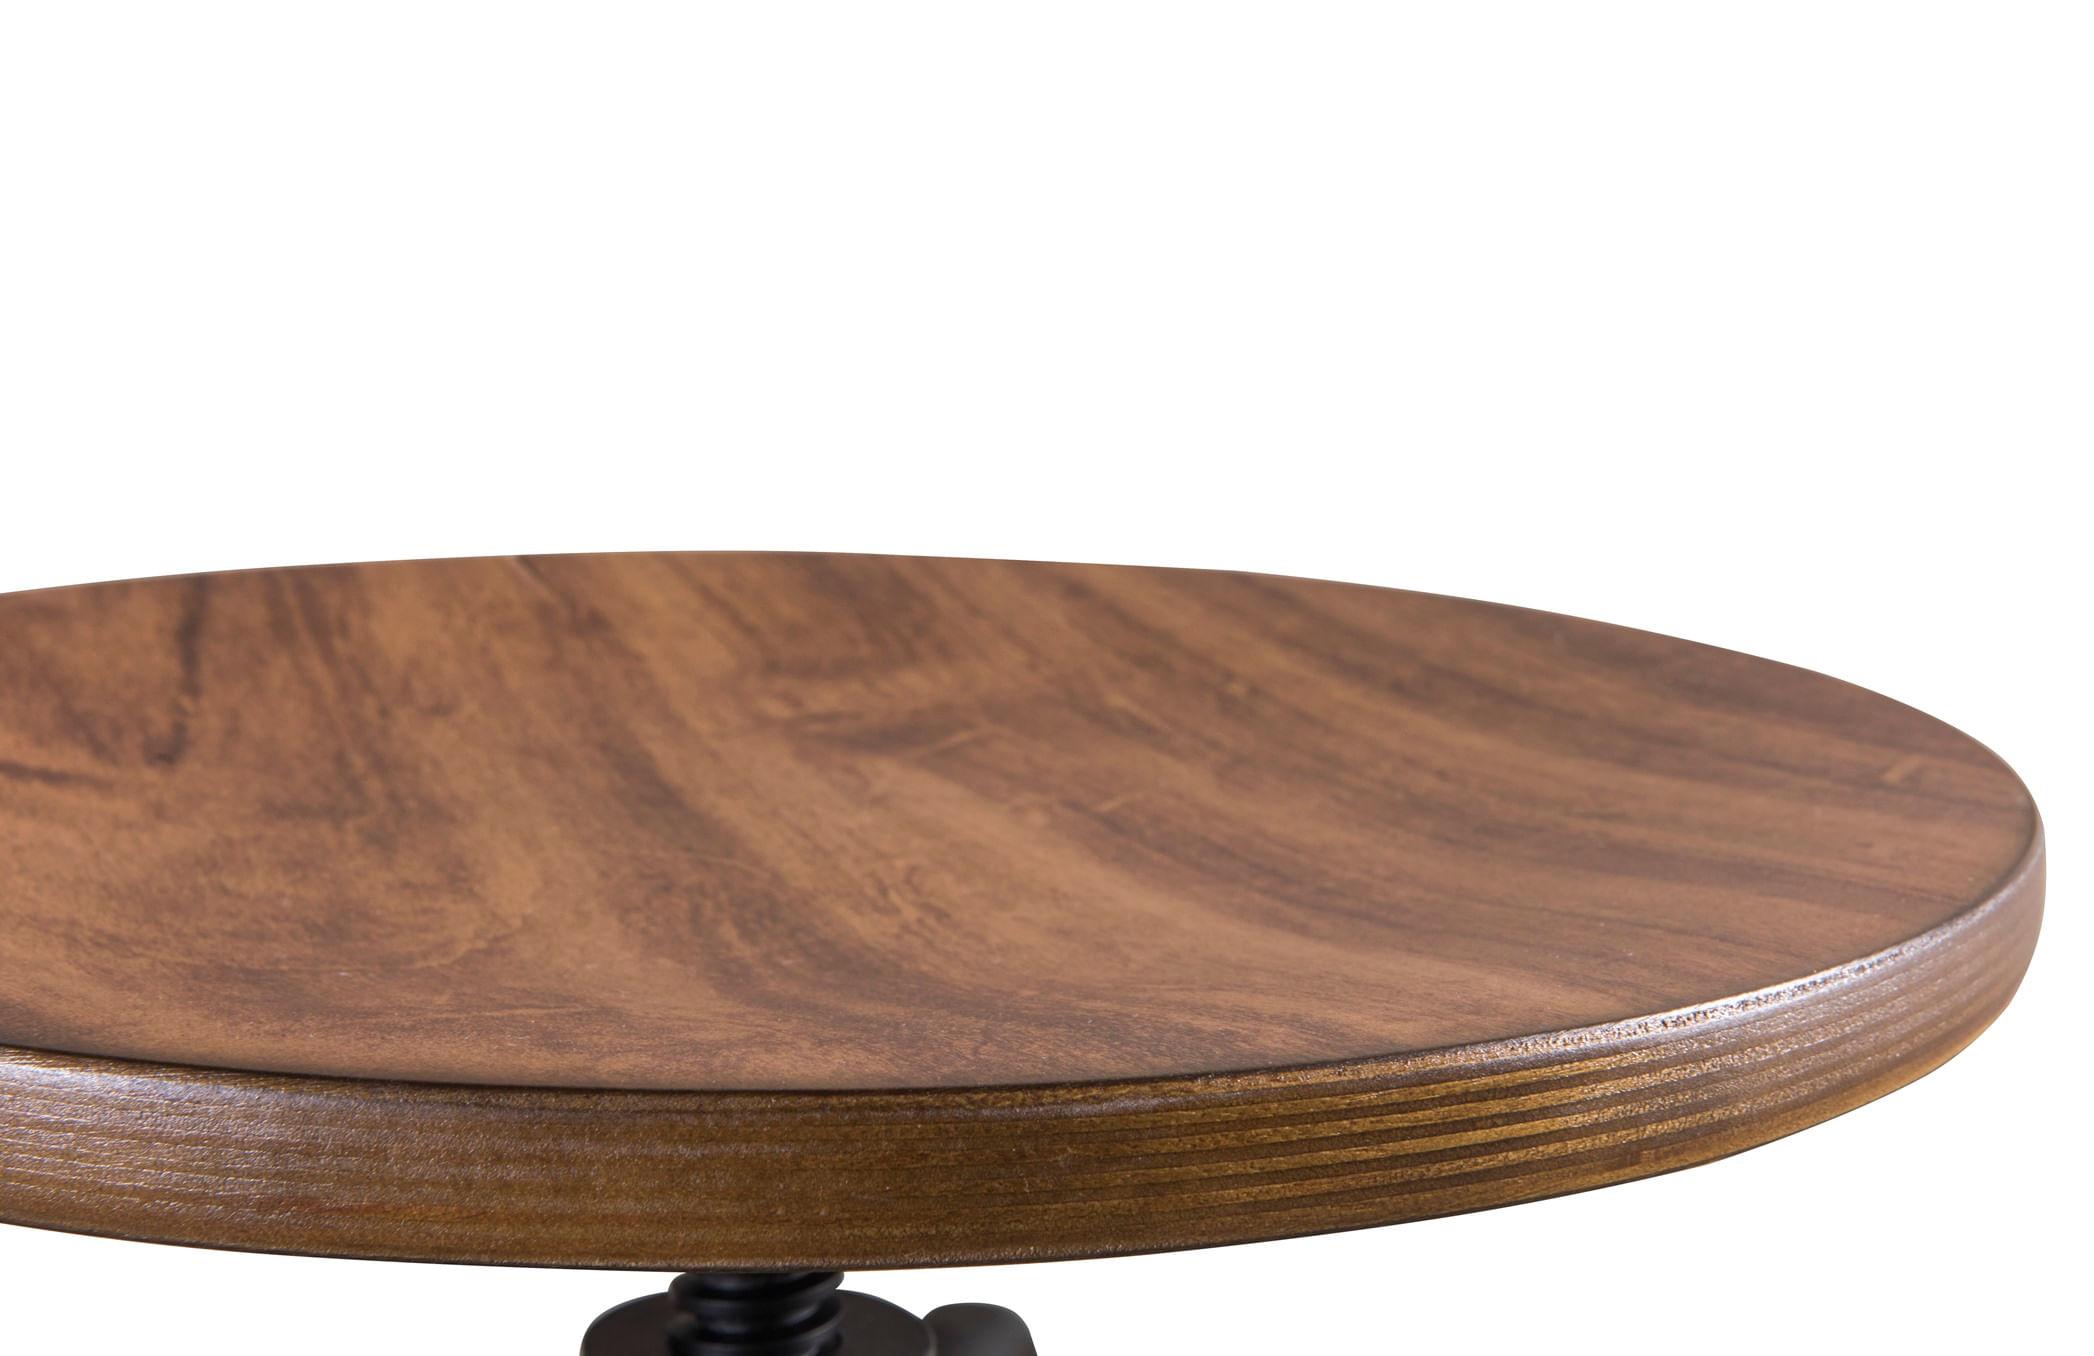 Banqueta Industrial Pecorino Assento Imbuia com Base Preta 78 cm (ALT) - 44440